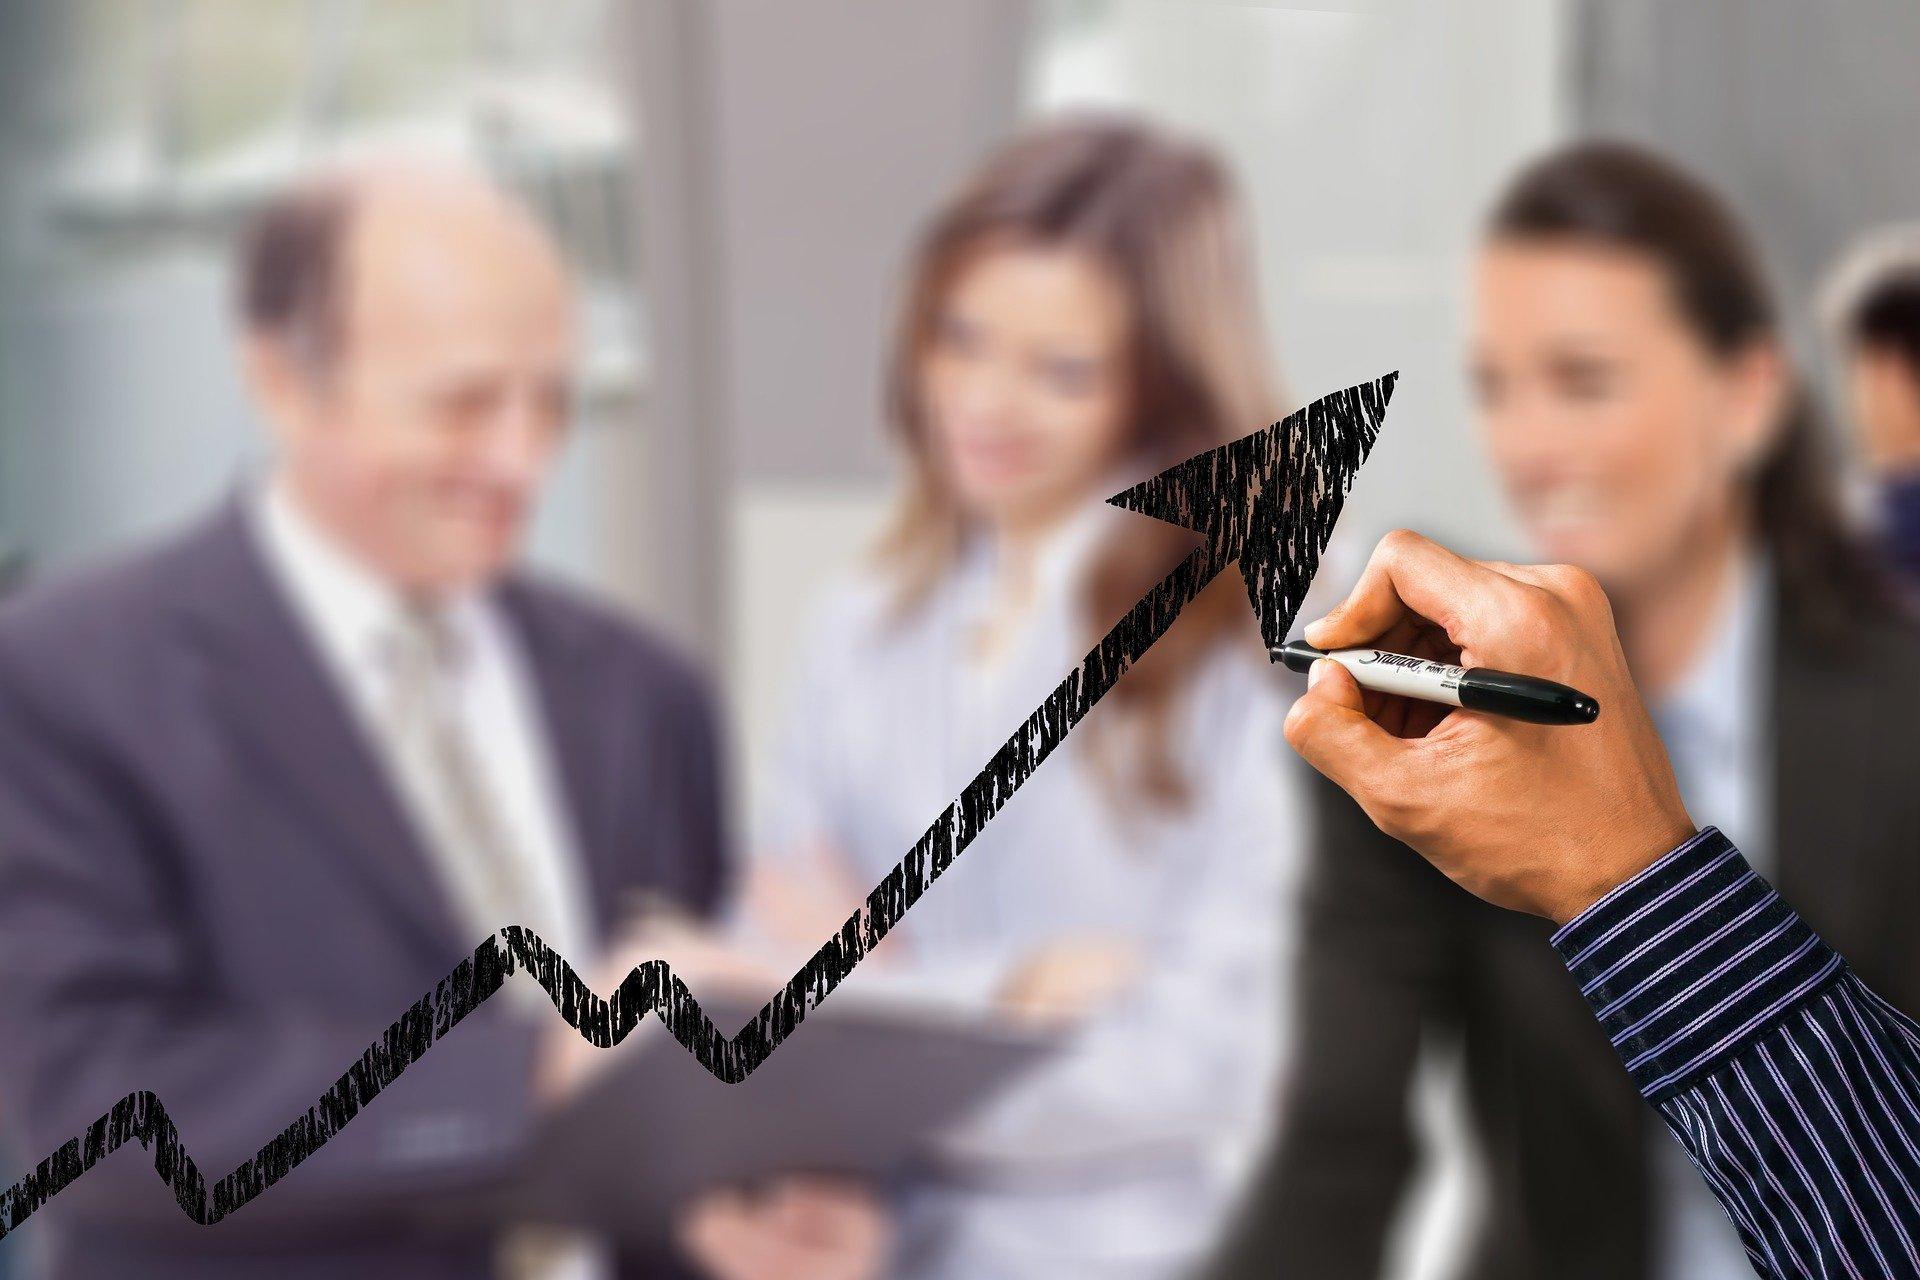 パーソナルジムの収益を最大化する方法